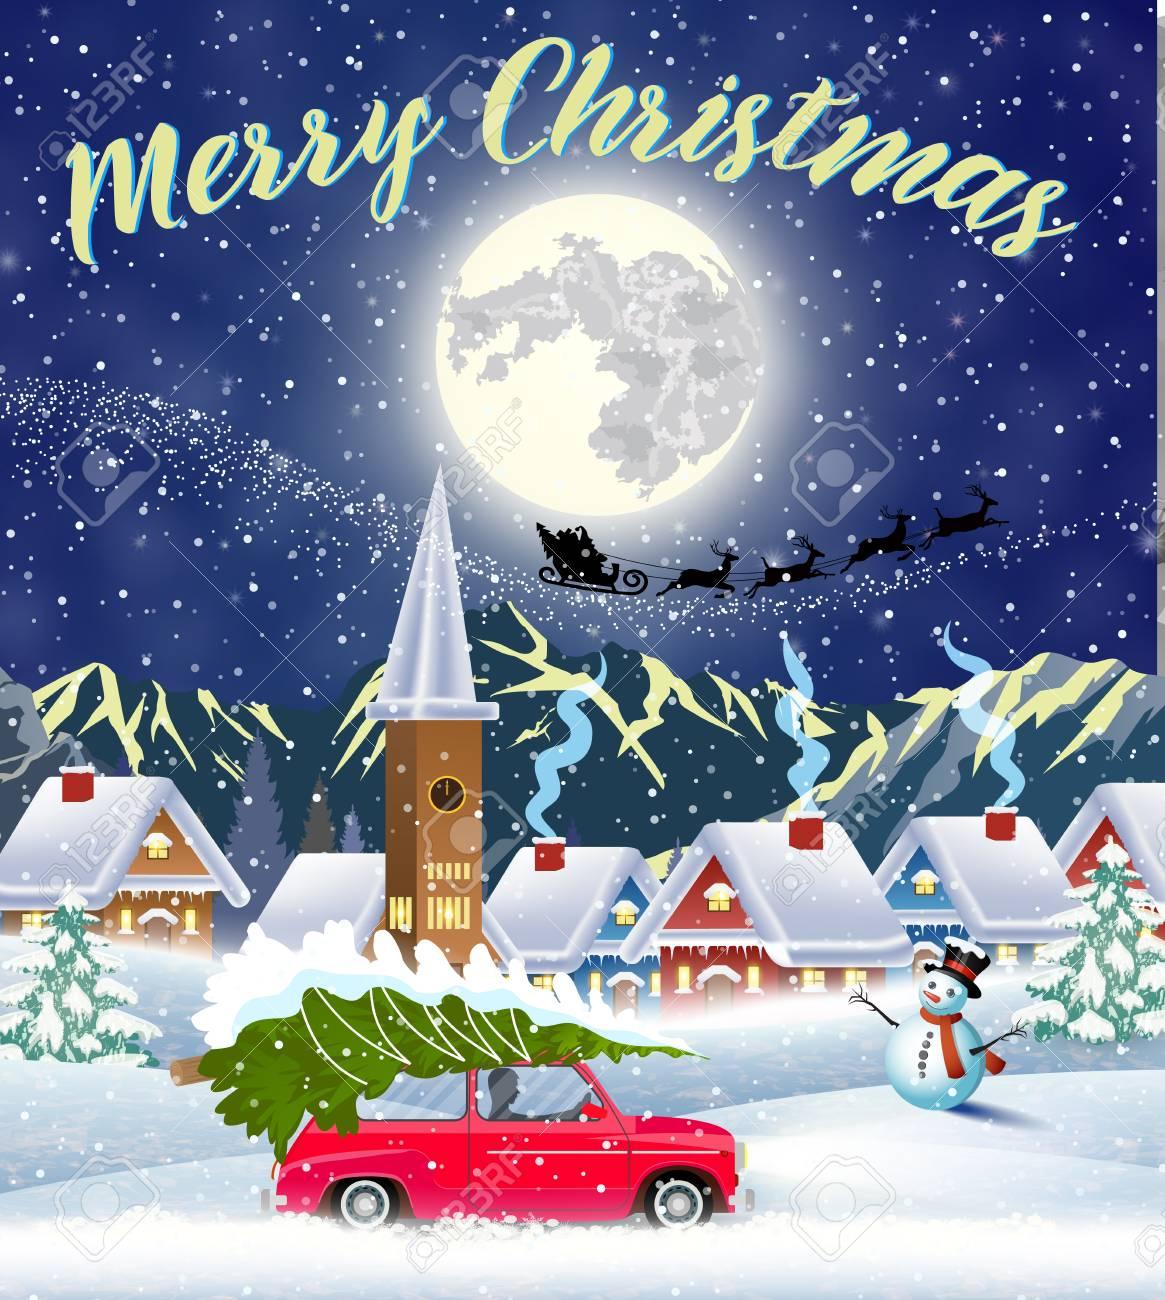 Paesaggi Di Natale.Carta Di Progettazione Del Paesaggio Di Natale Di Auto Retro Con Albero Sulla Parte Superiore Sfondo Con La Luna E La Sagoma Di Babbo Natale Che Vola